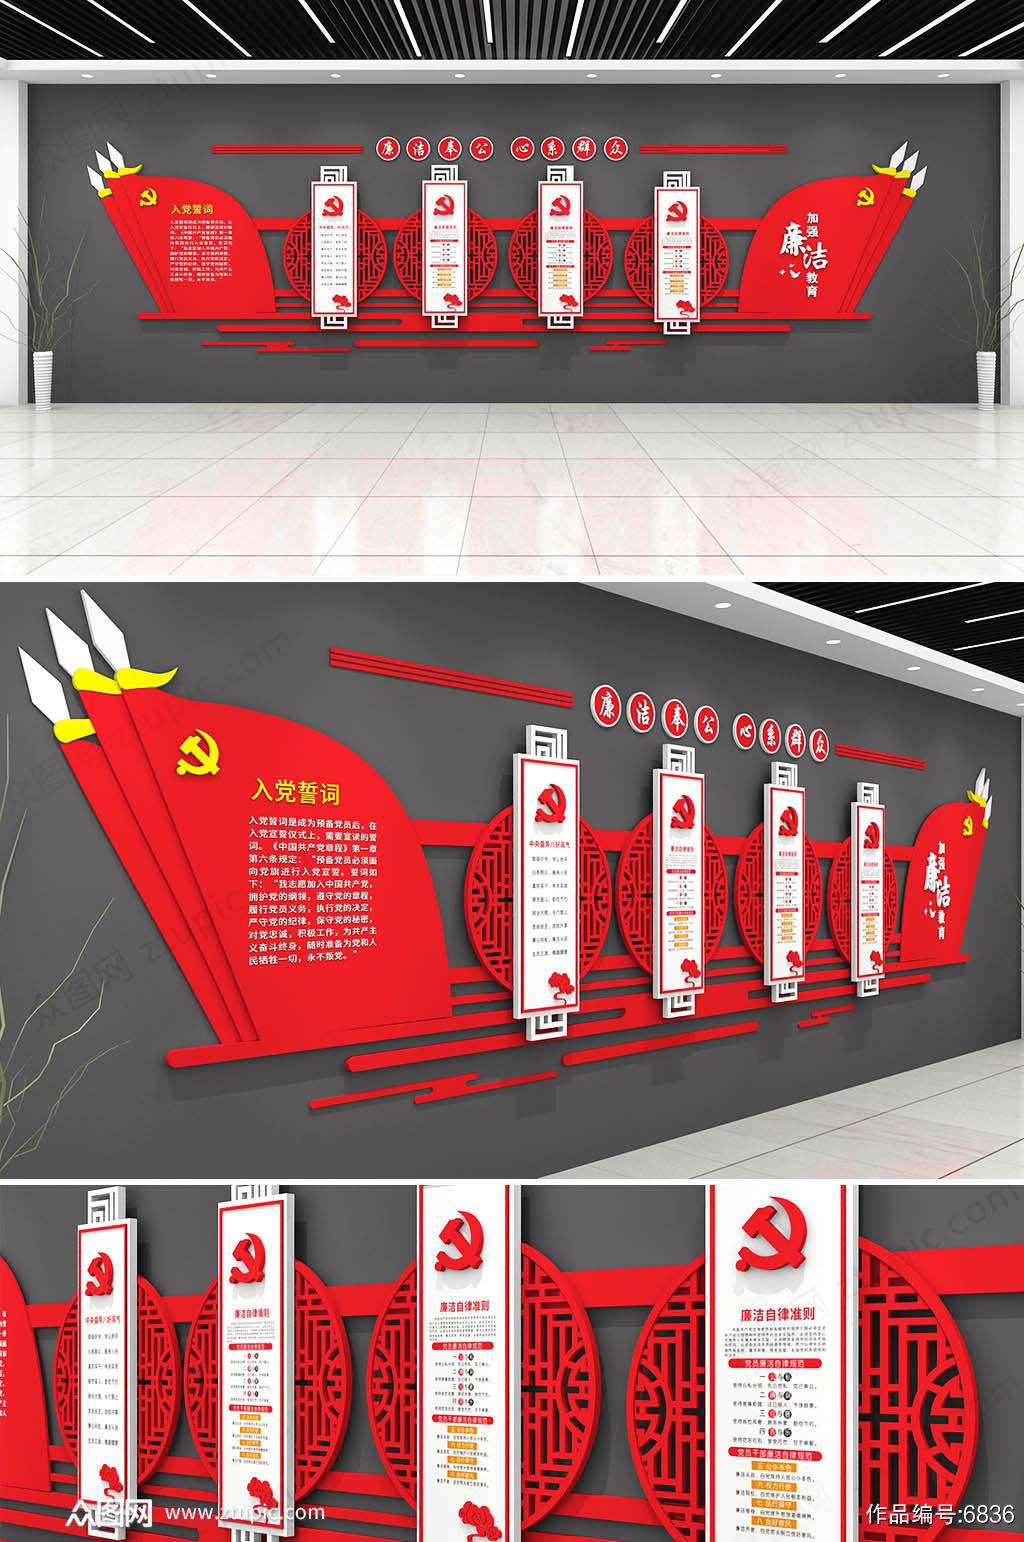 原创反腐建设廉政文化墙设计模板图素材